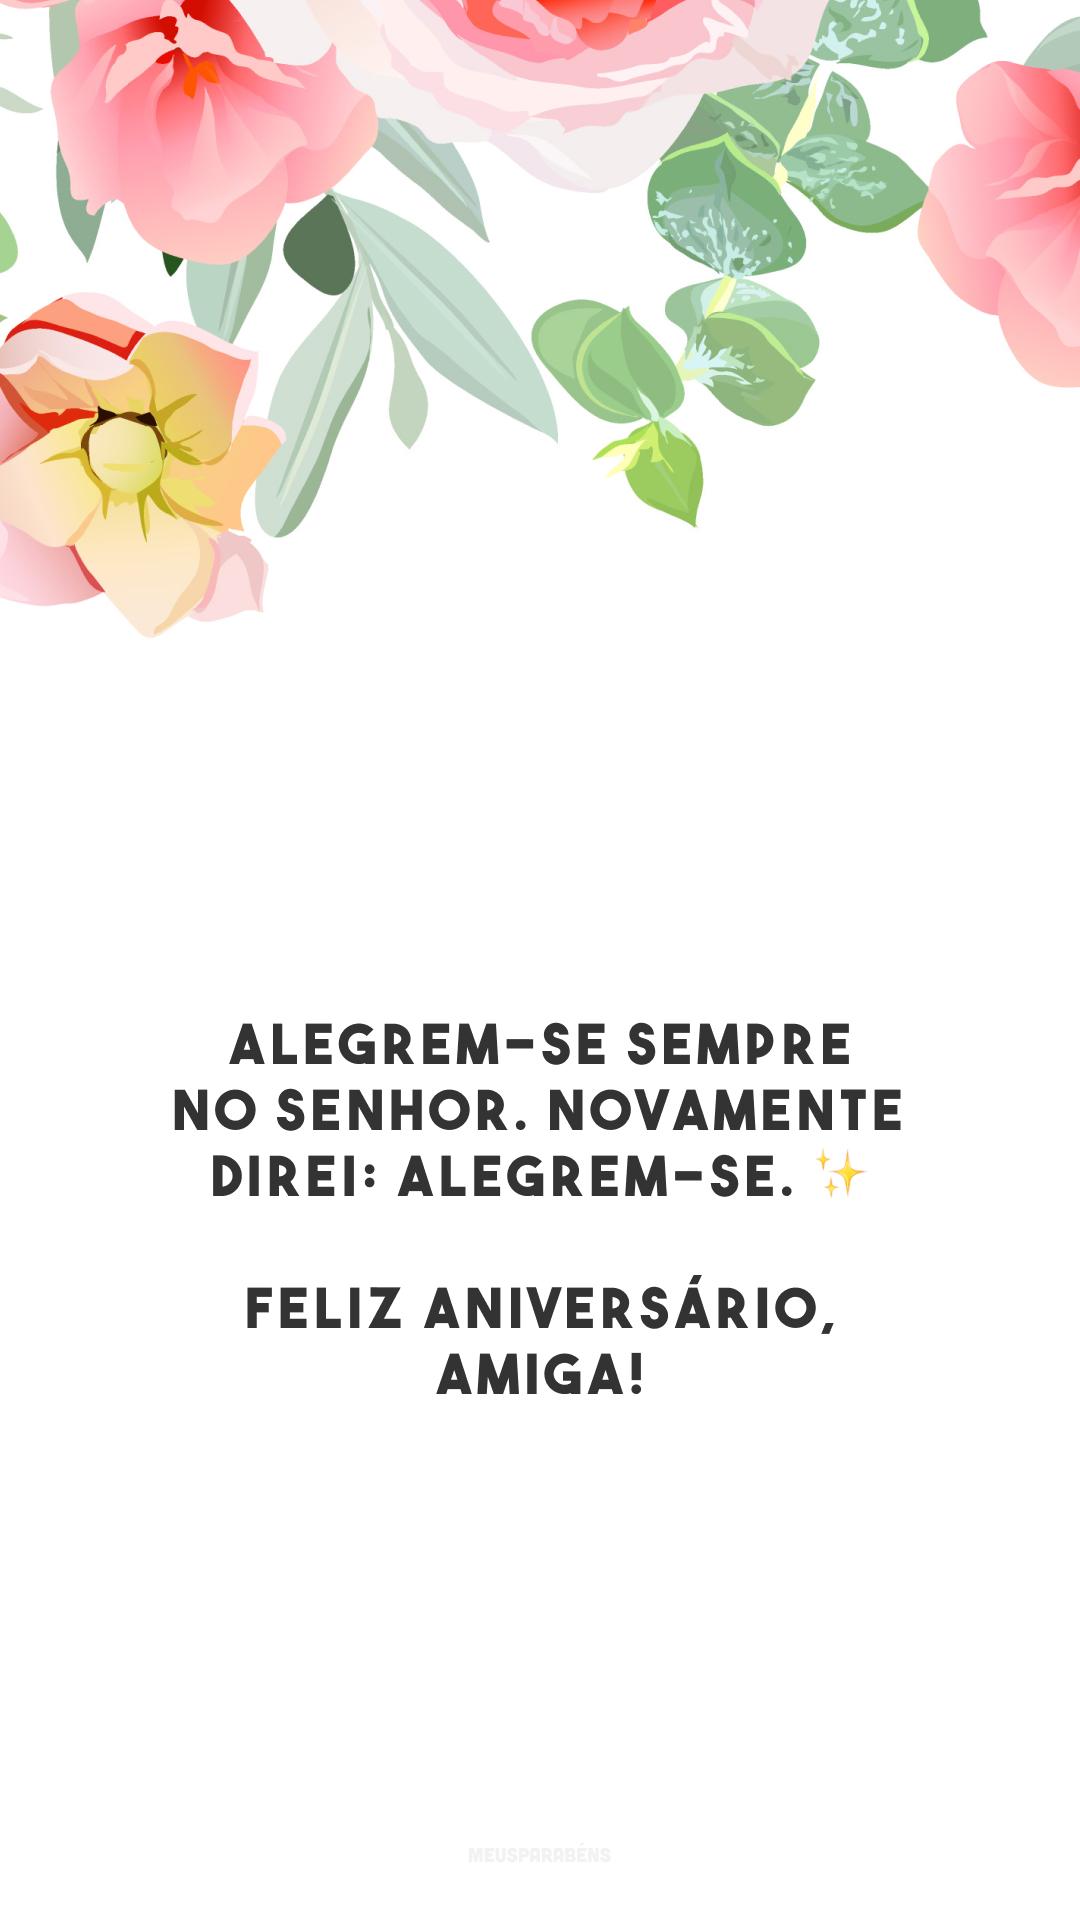 Alegrem-se sempre no Senhor. Novamente direi: alegrem-se. ✨ Feliz aniversário, amiga!